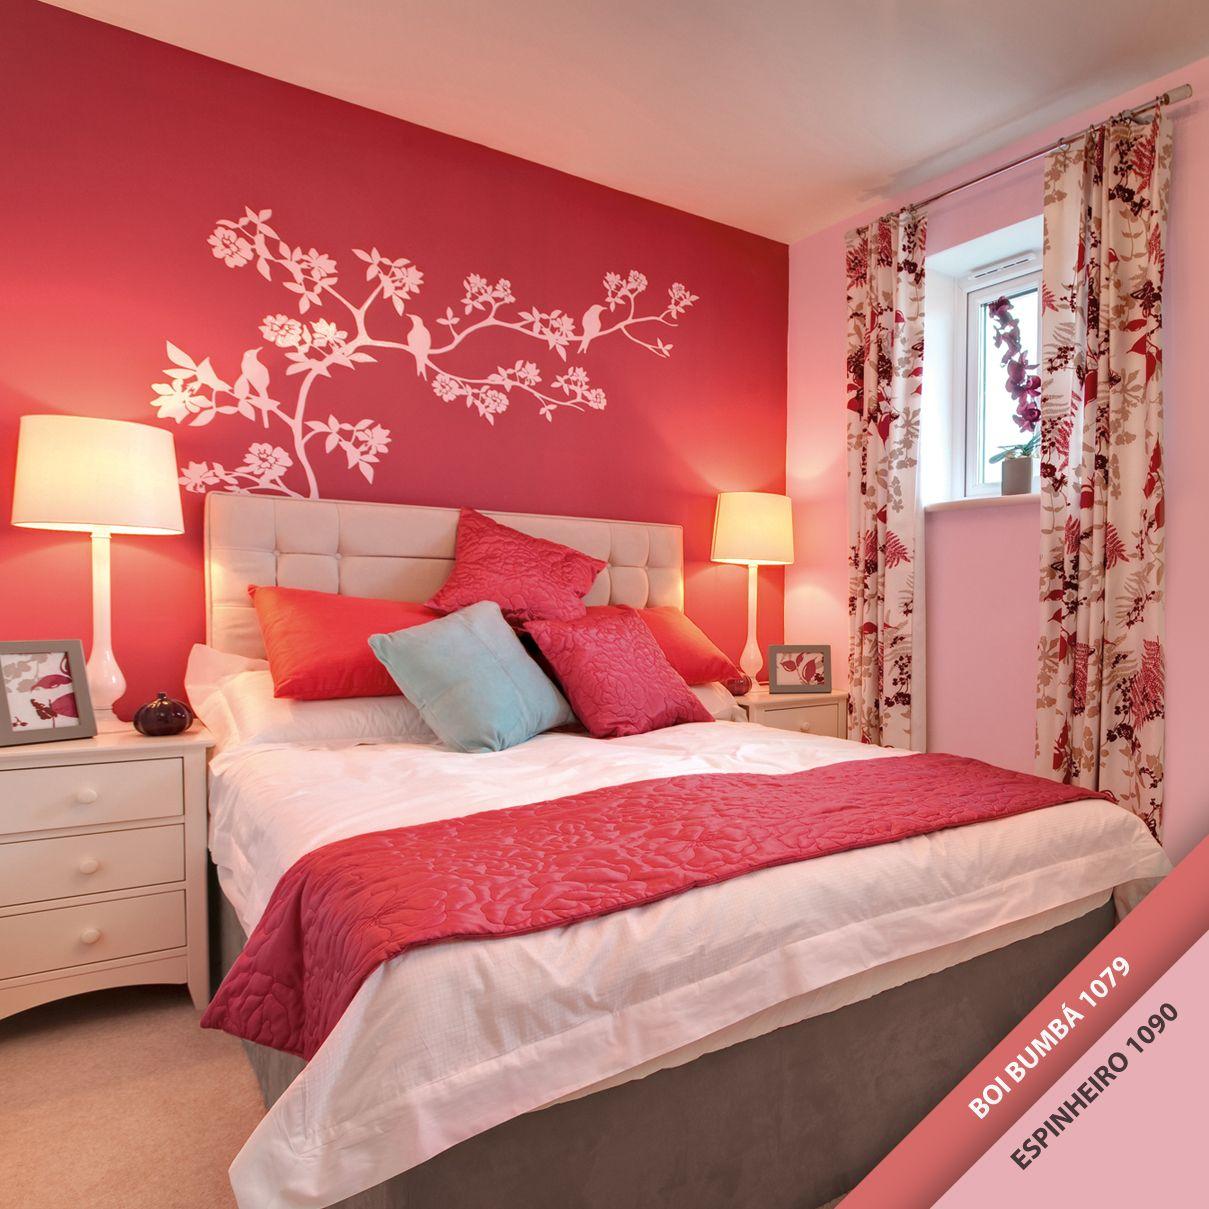 Cores Para Quarto ~ Novas cores e mais afeto no quarto da sua m u00e3e! Ela vai adorar uma pintura nova de presente 😉 #